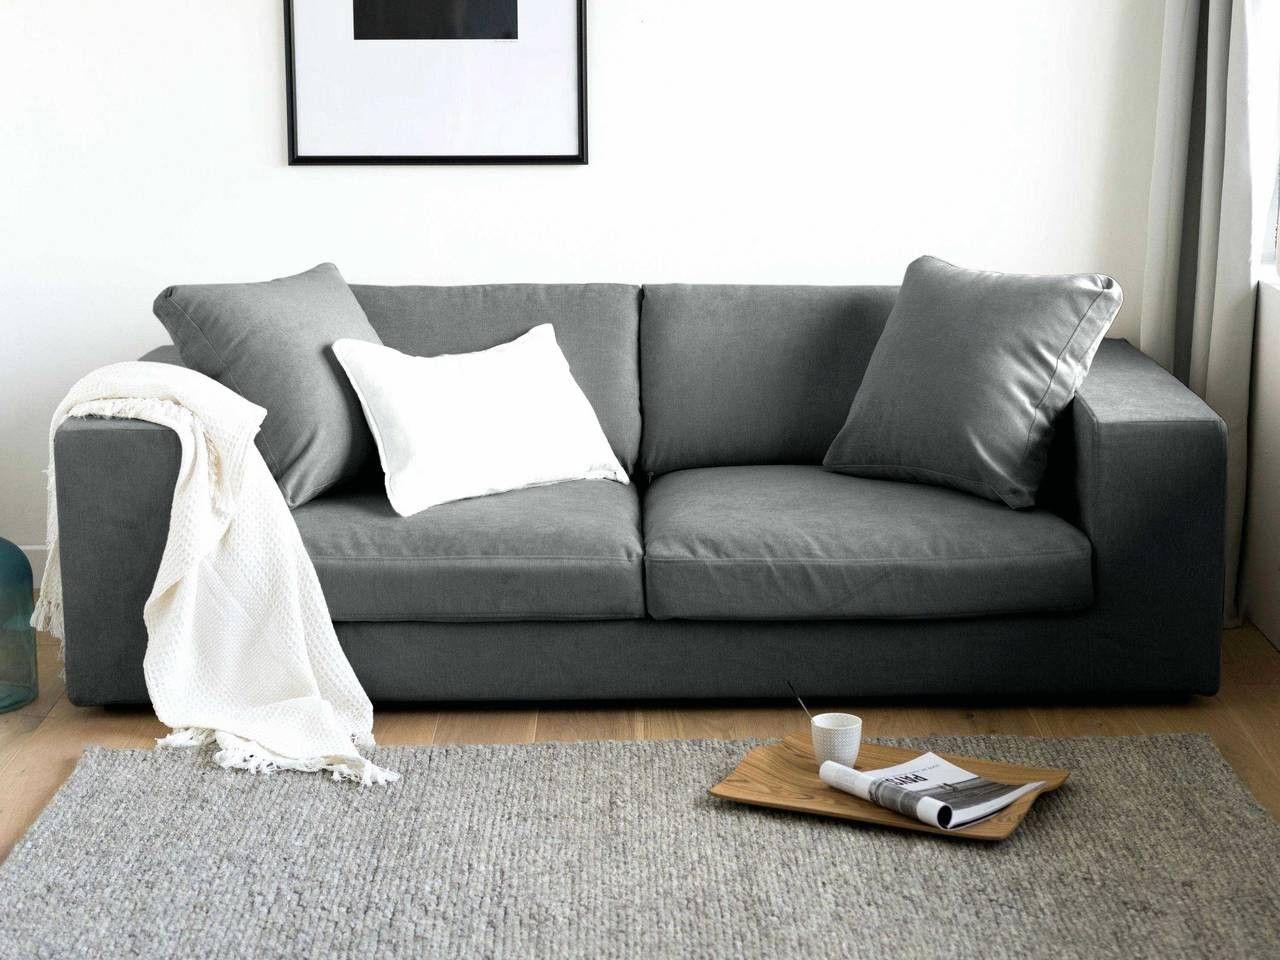 Frais nettoyer canap tissu c est du propre id es - Nettoyer canape tissu bicarbonate de soude ...